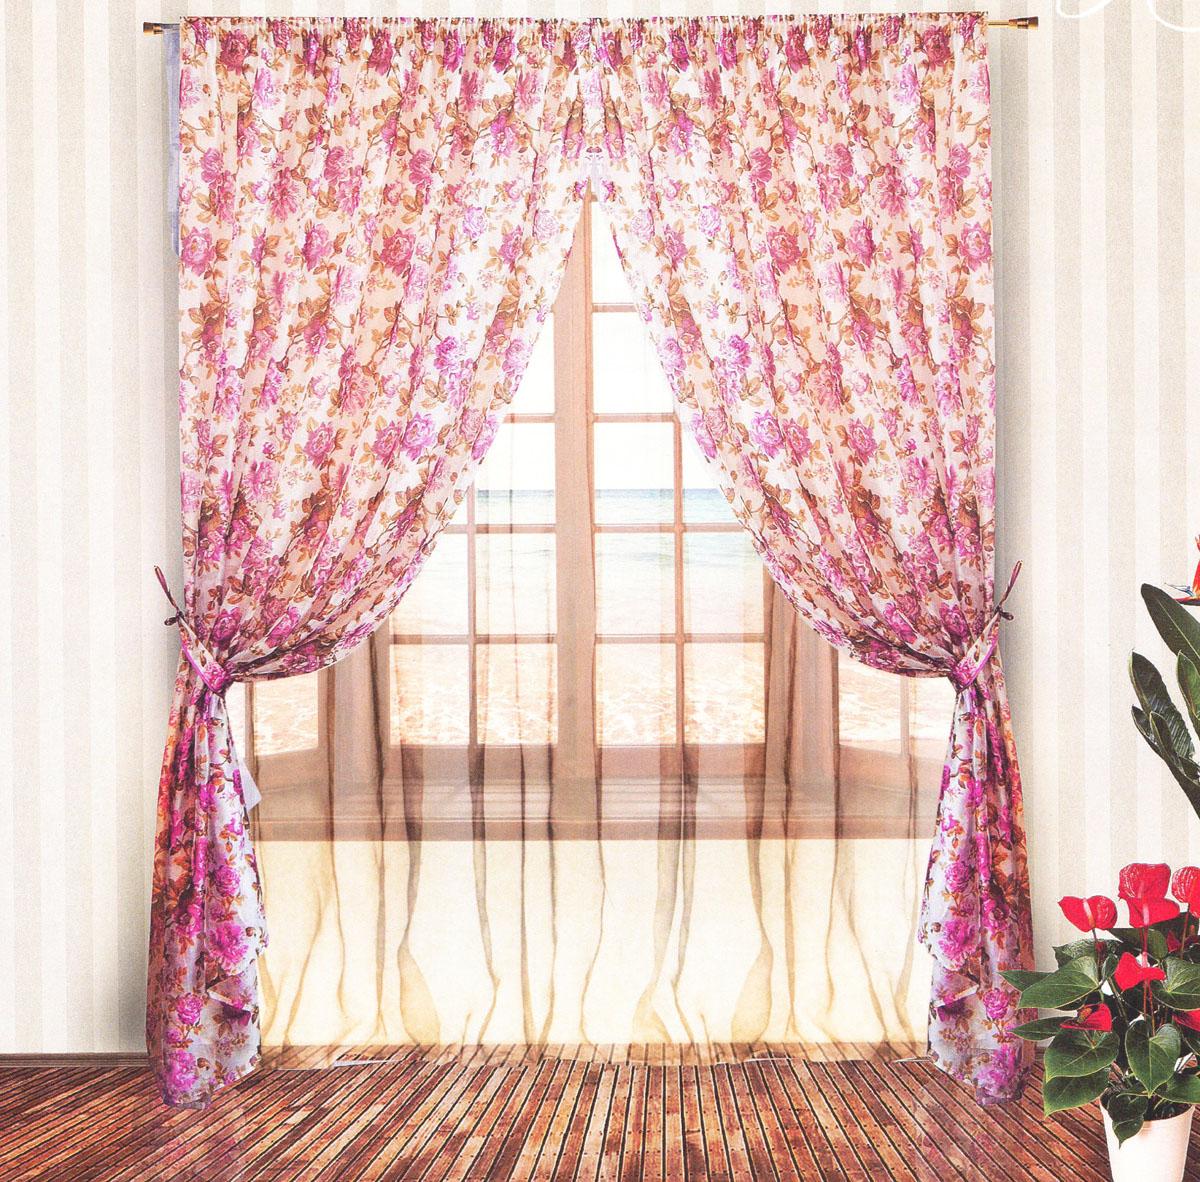 Комплект штор Zlata Korunka, на ленте, цвет: сиреневый, белый, высота 250 см. 55535SVC-300Роскошный комплект тюлевых штор Zlata Korunka, выполненный из органзы и микровуали (100% полиэстера), великолепно украсит любое окно. Комплект состоит из двух штор, тюля и двух подхватов. Полупрозрачная ткань, цветочный принт и приятная, приглушенная гамма привлекут к себе внимание и органично впишутся в интерьер помещения. Комплект крепится на карниз при помощи шторной ленты, которая поможет красиво и равномерно задрапировать верх. Шторы можно зафиксировать в одном положении с помощью двух подхватов. Этот комплект будет долгое время радовать вас и вашу семью! В комплект входит: Штора: 2 шт. Размер (ШхВ): 200 см х 250 см. Тюль: 1 шт. Размер (ШхВ): 400 см х 250 см.Подхват: 2 шт. Размер (ШхВ): 60 см х 10 см.